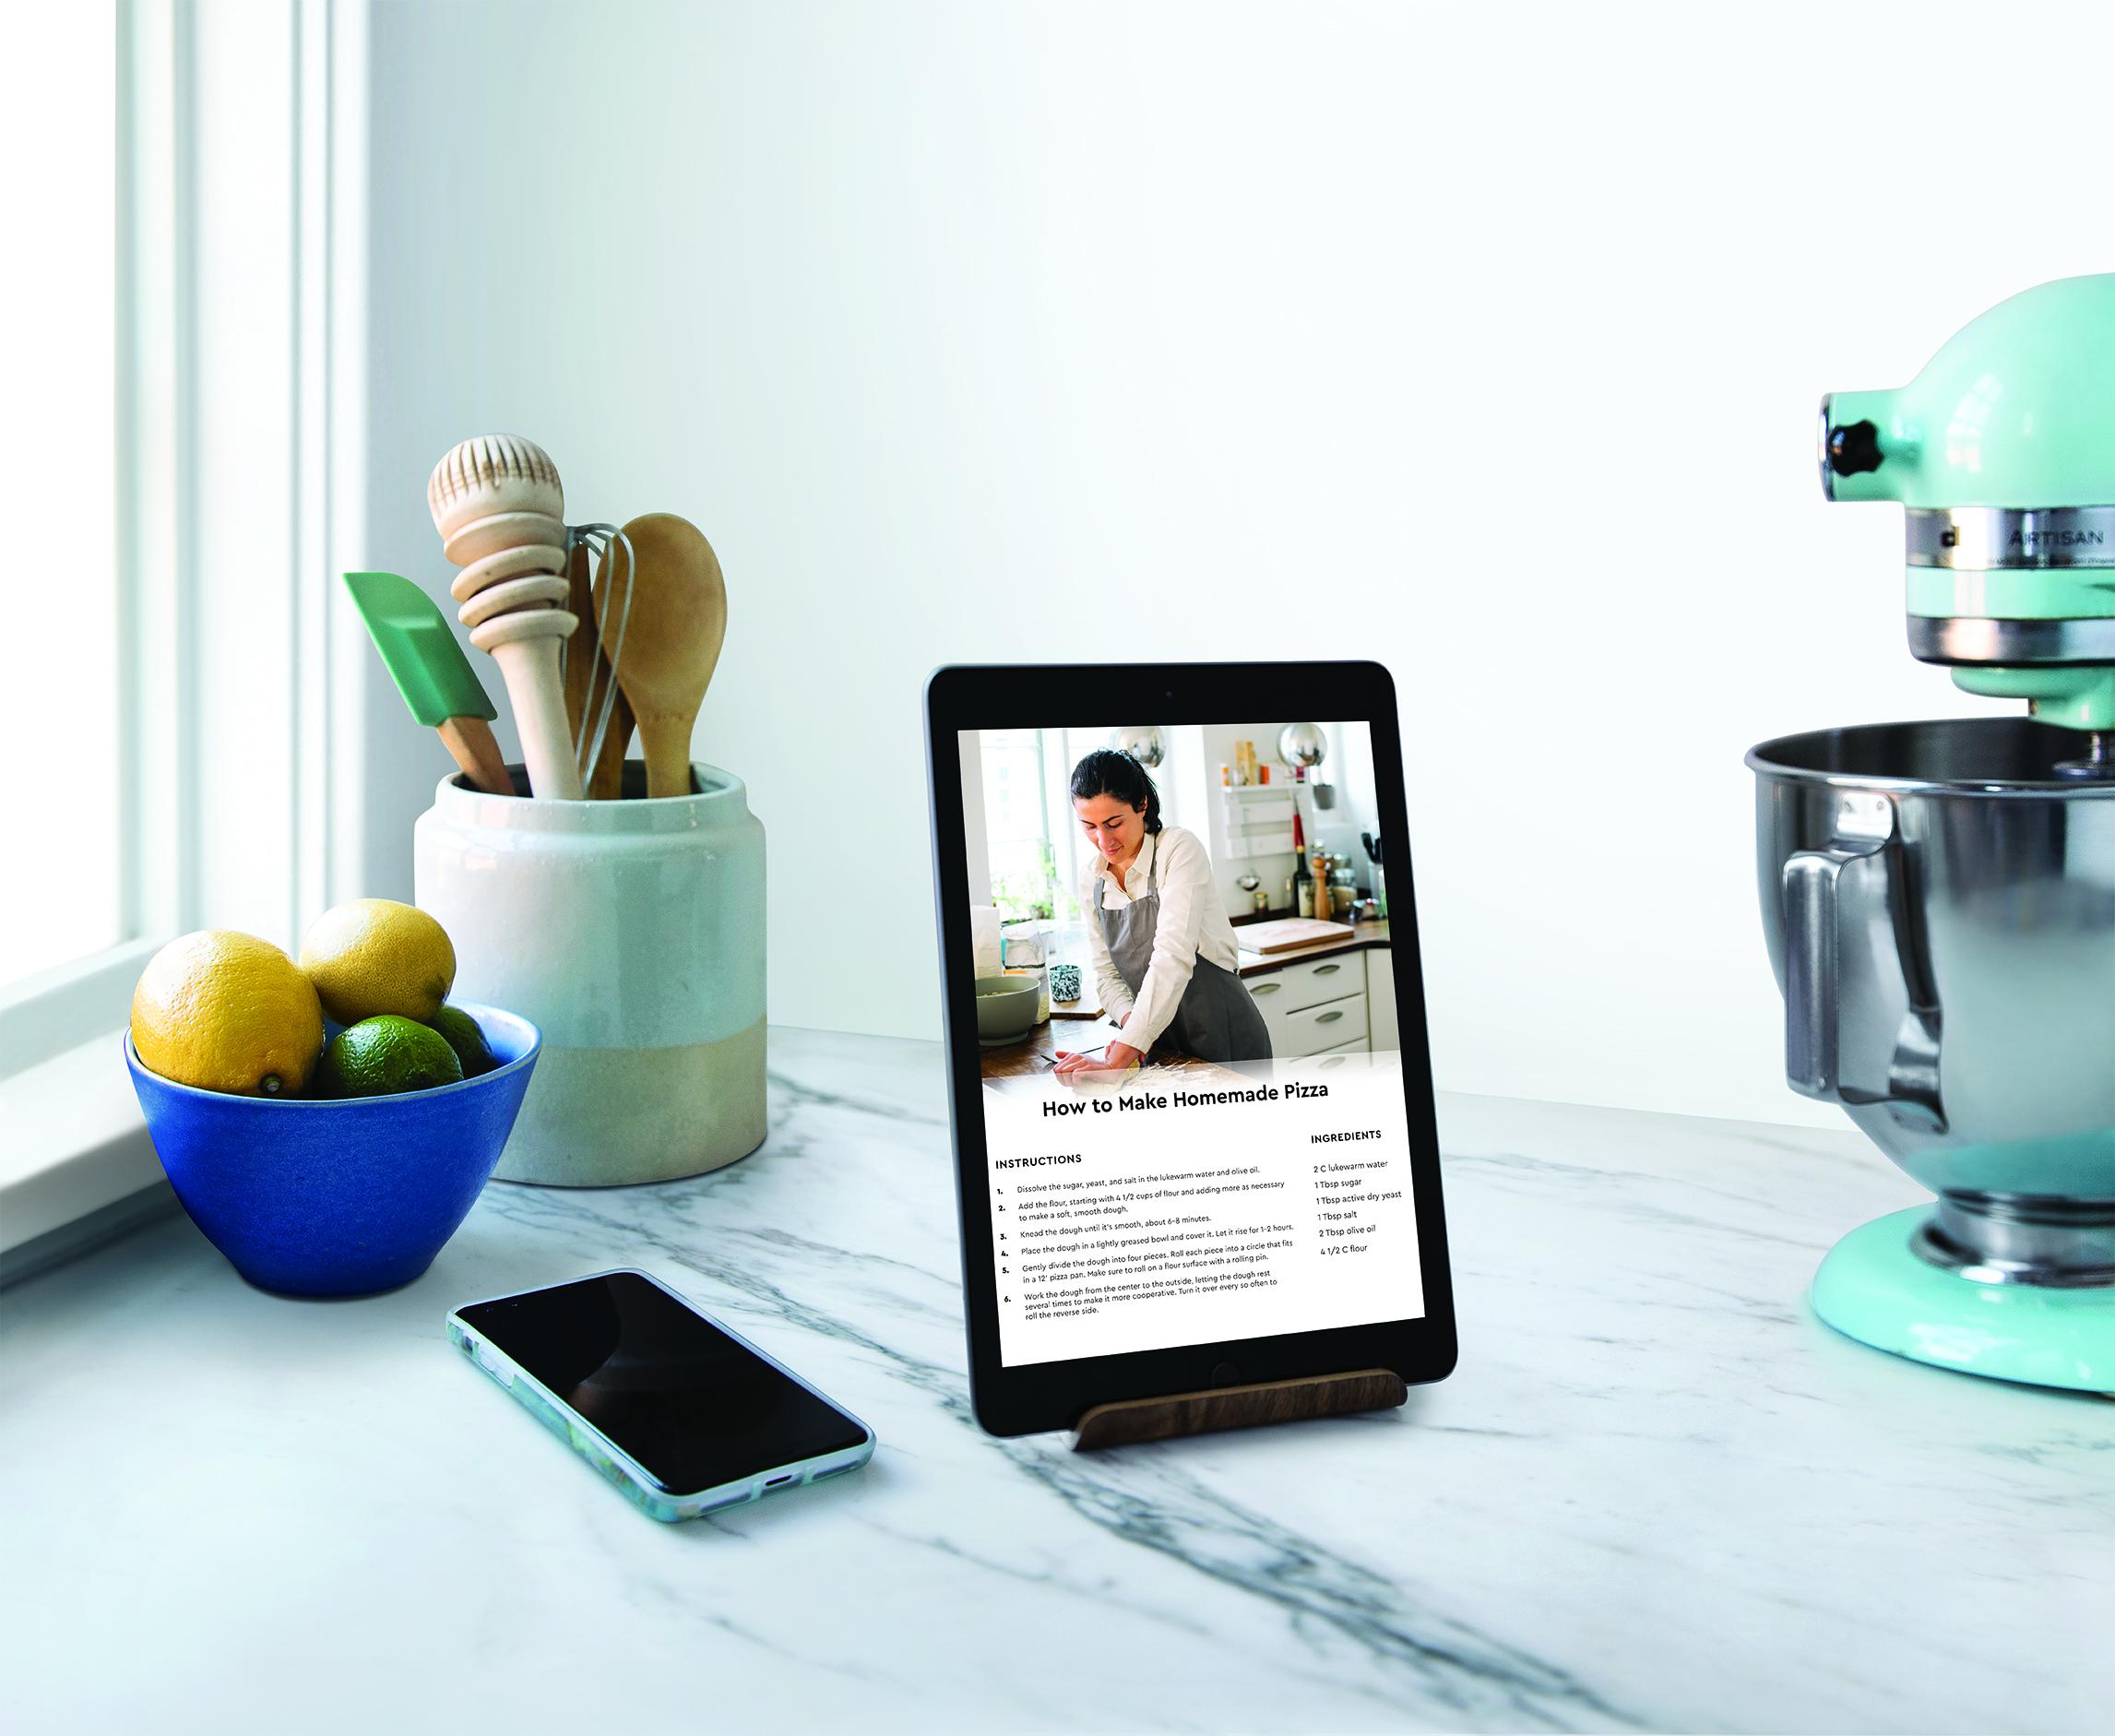 19_WATR_D_Kitchen_iPad_Phone_D4_TR3080_TR3095.jpg